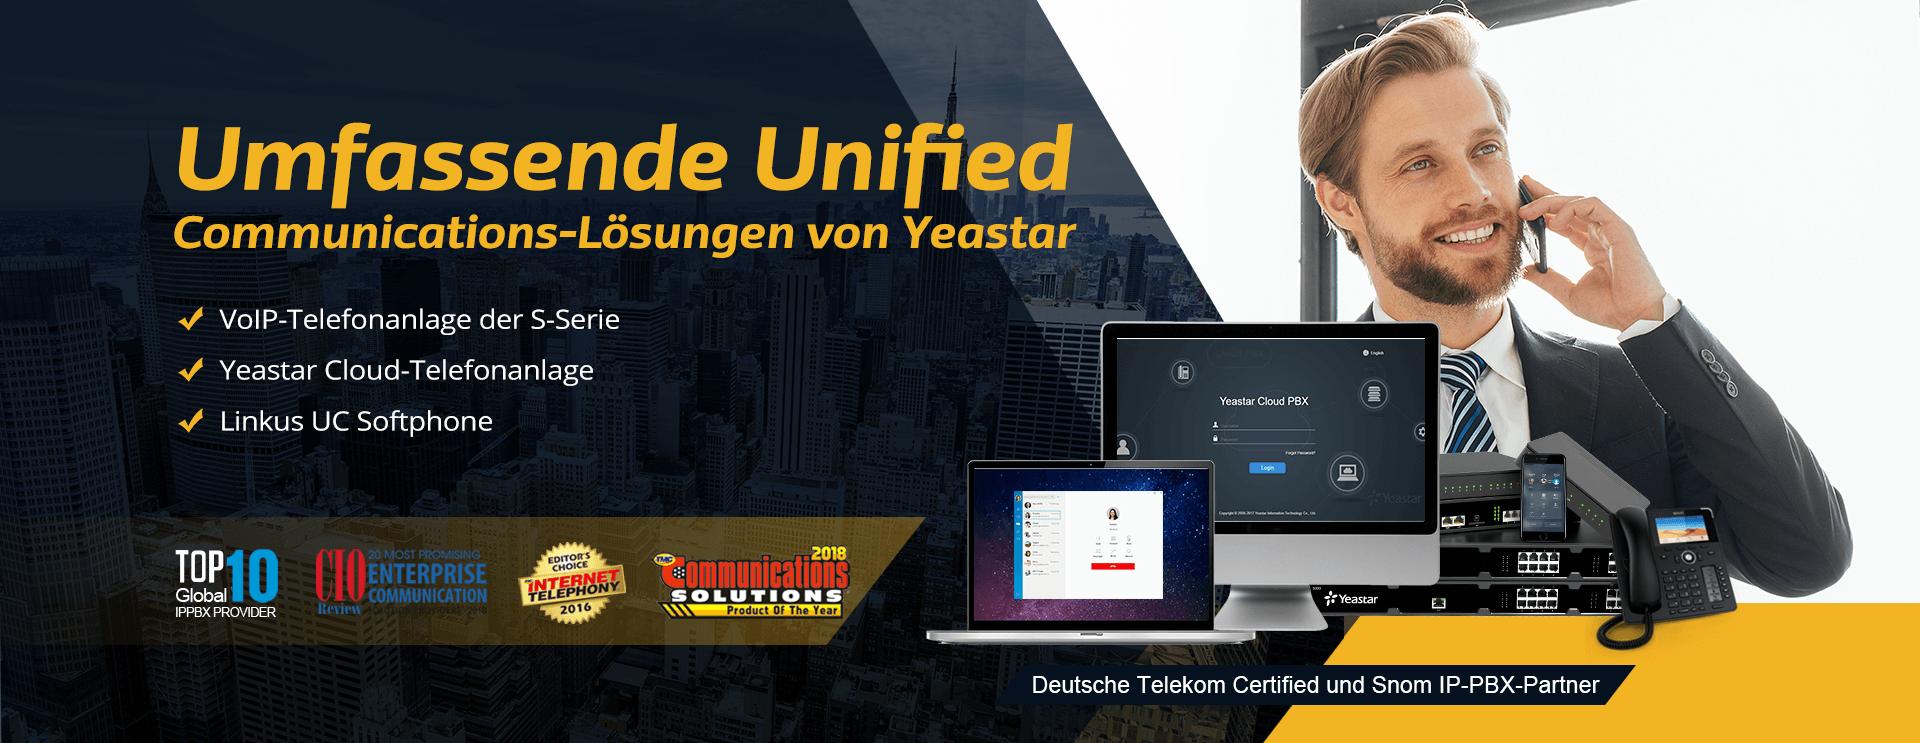 UC_Banner_DE Yeastar